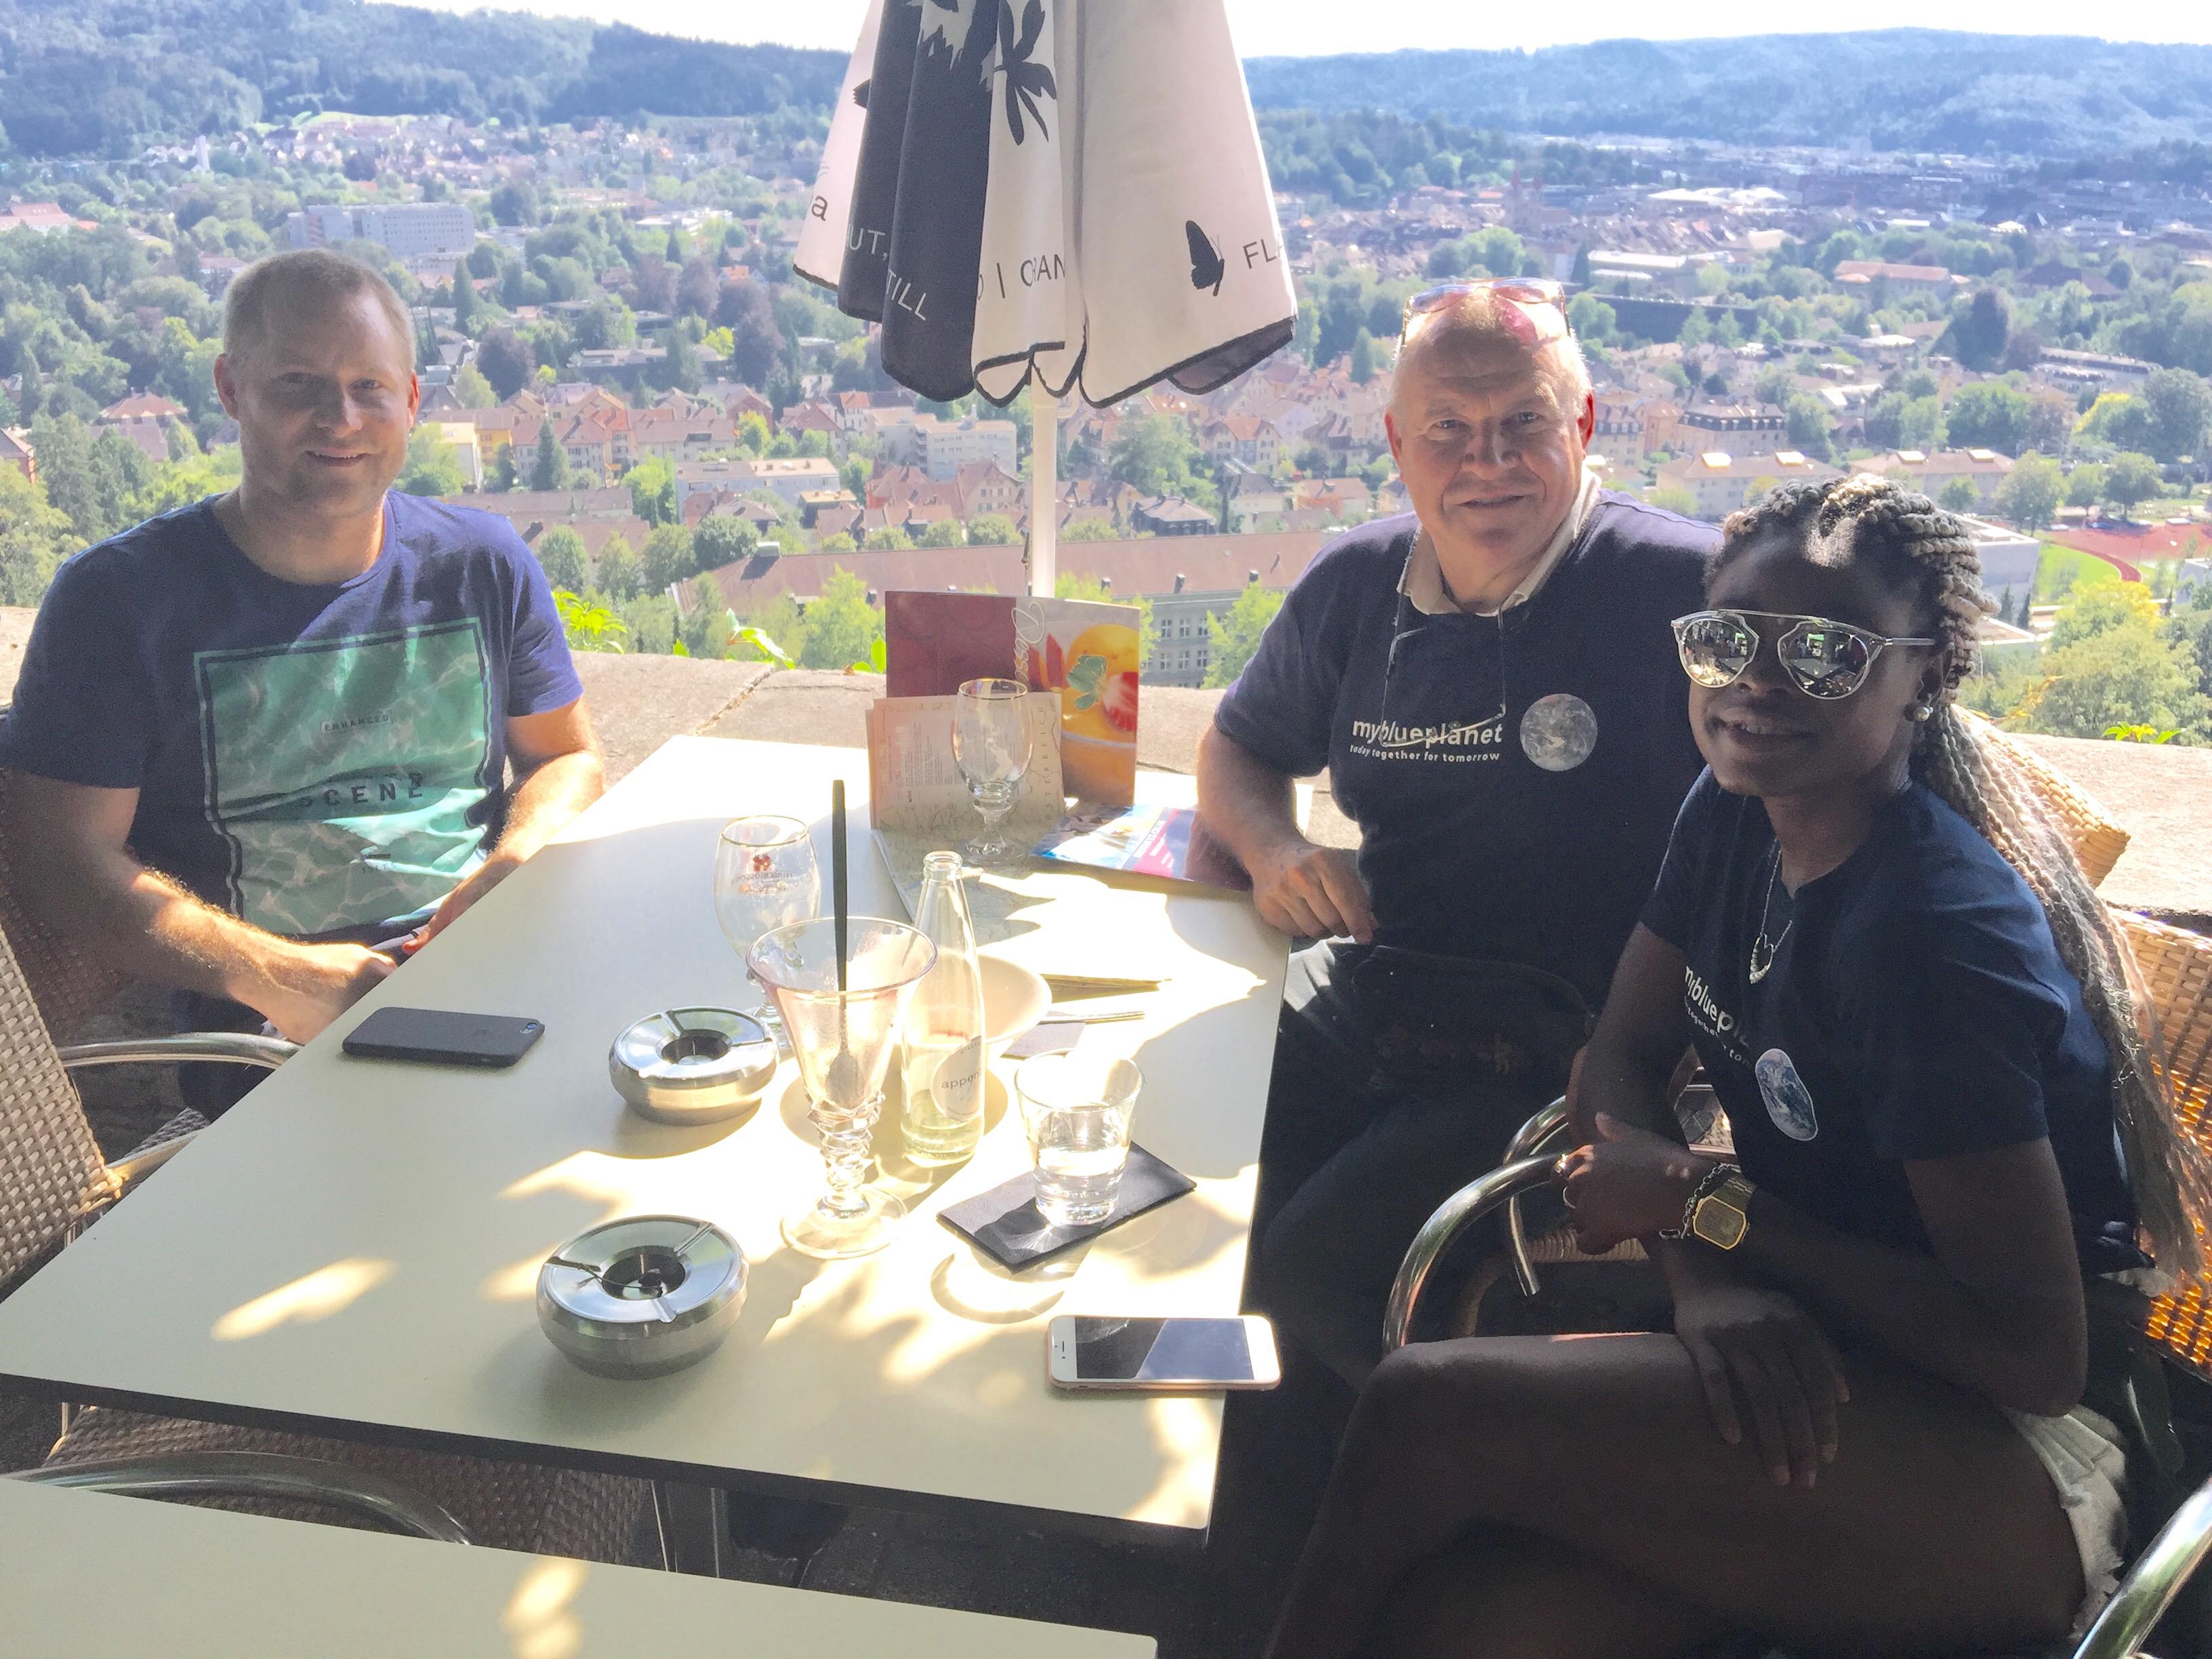 Ferienstimmung auf dem Goldenberg